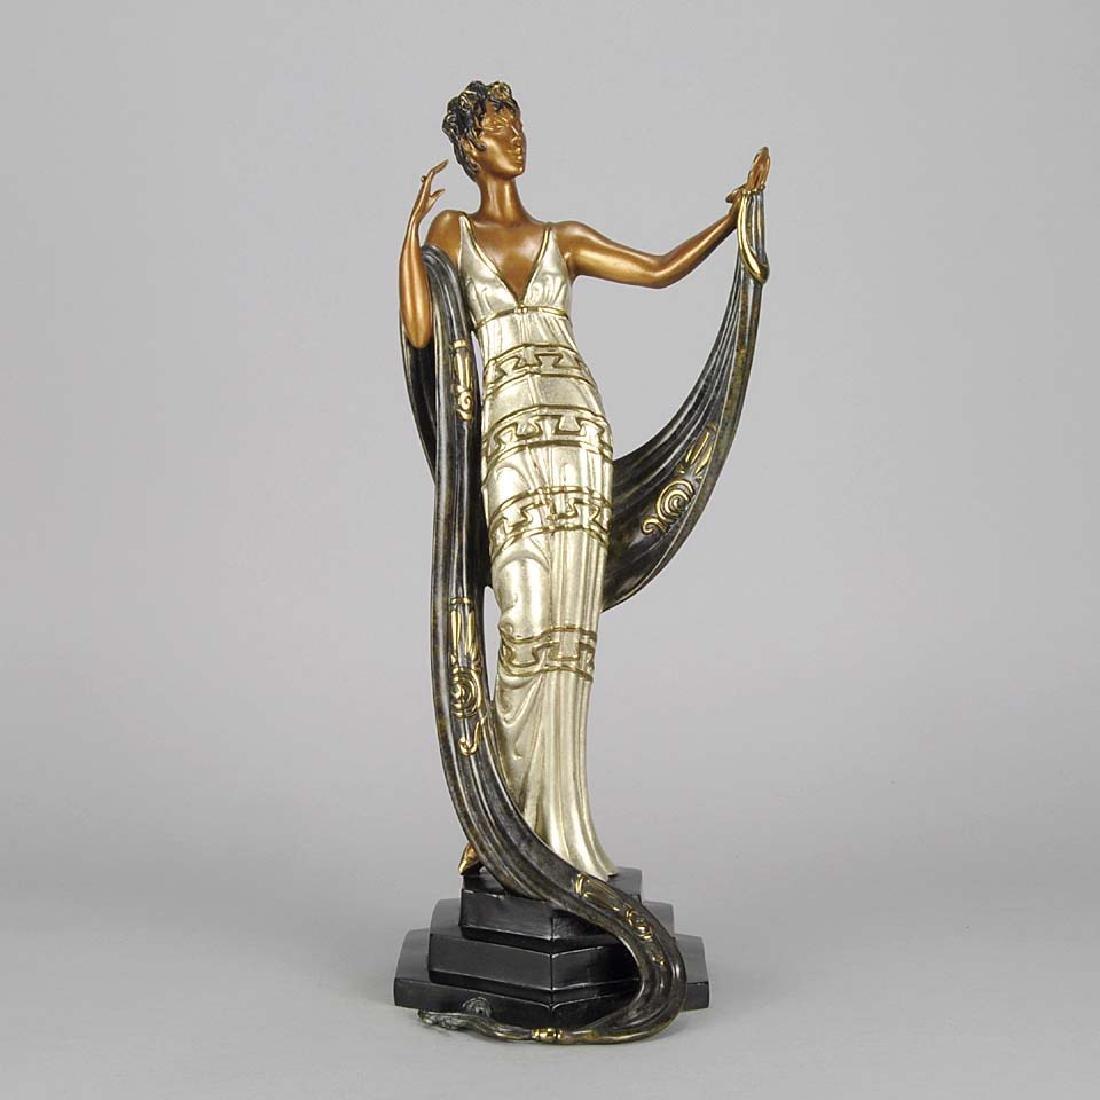 Erté Cold Painted Bronze Sculpture: La Coquette Signed